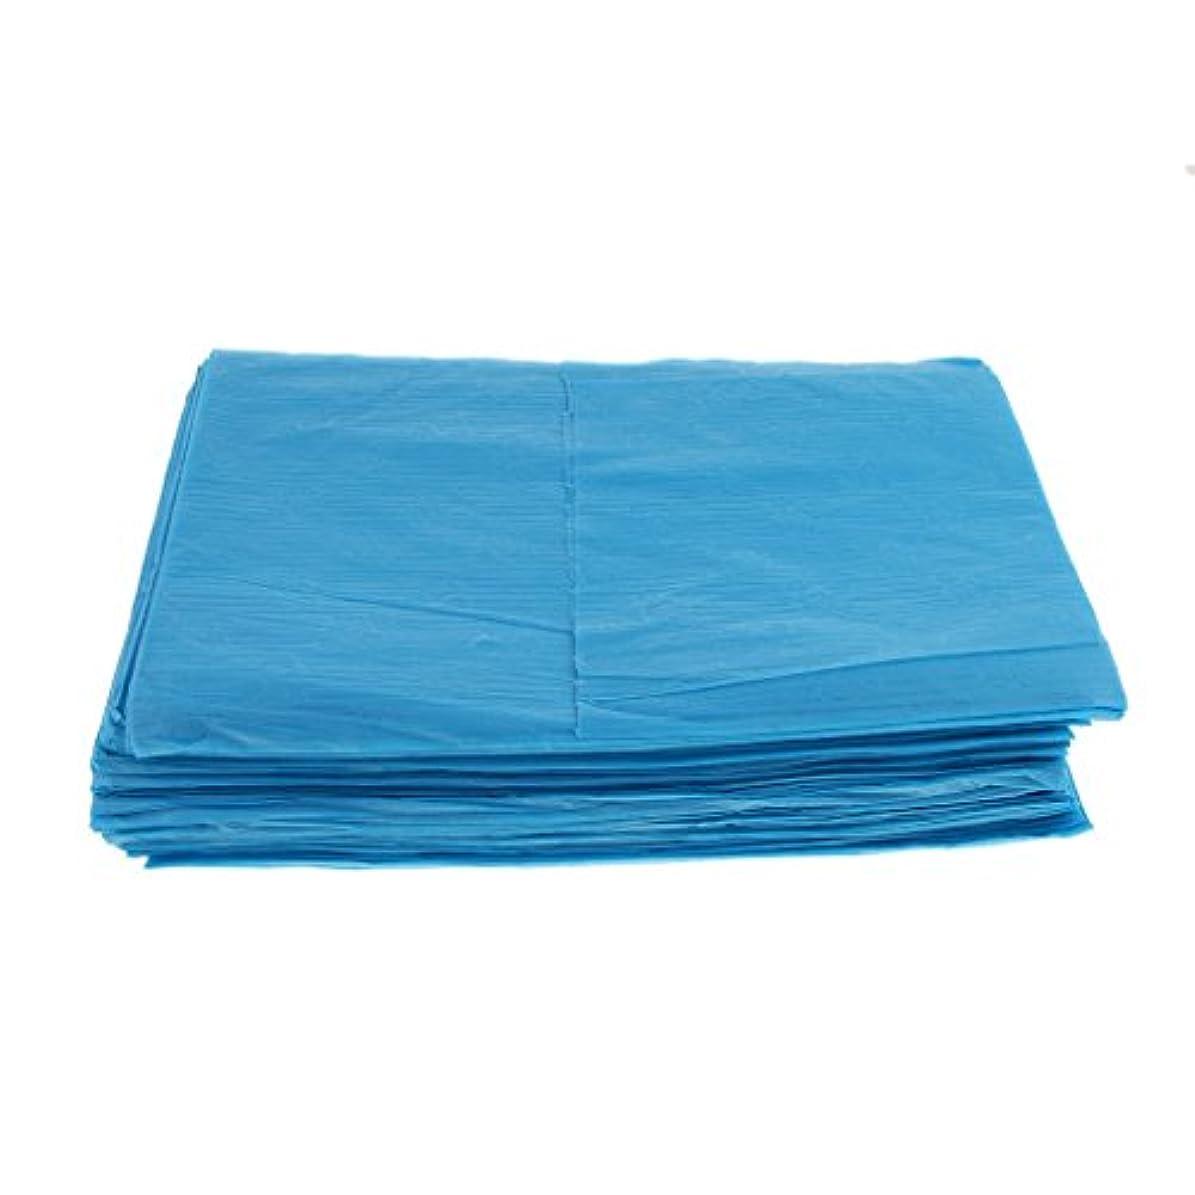 平日ロバ春10枚 使い捨て ベッドシーツ サロン ホテル ベッドパッド カバー シート 2色選べ - 青